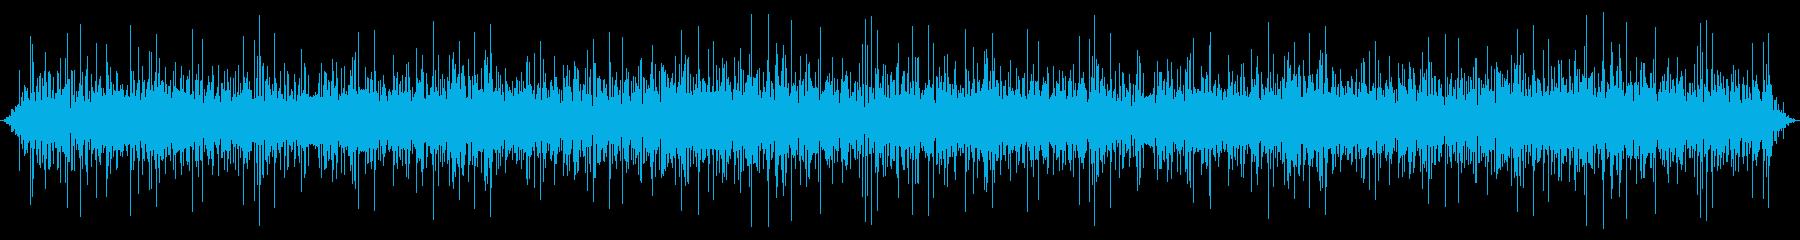 ストリーム:ライトバブリングトリク...の再生済みの波形